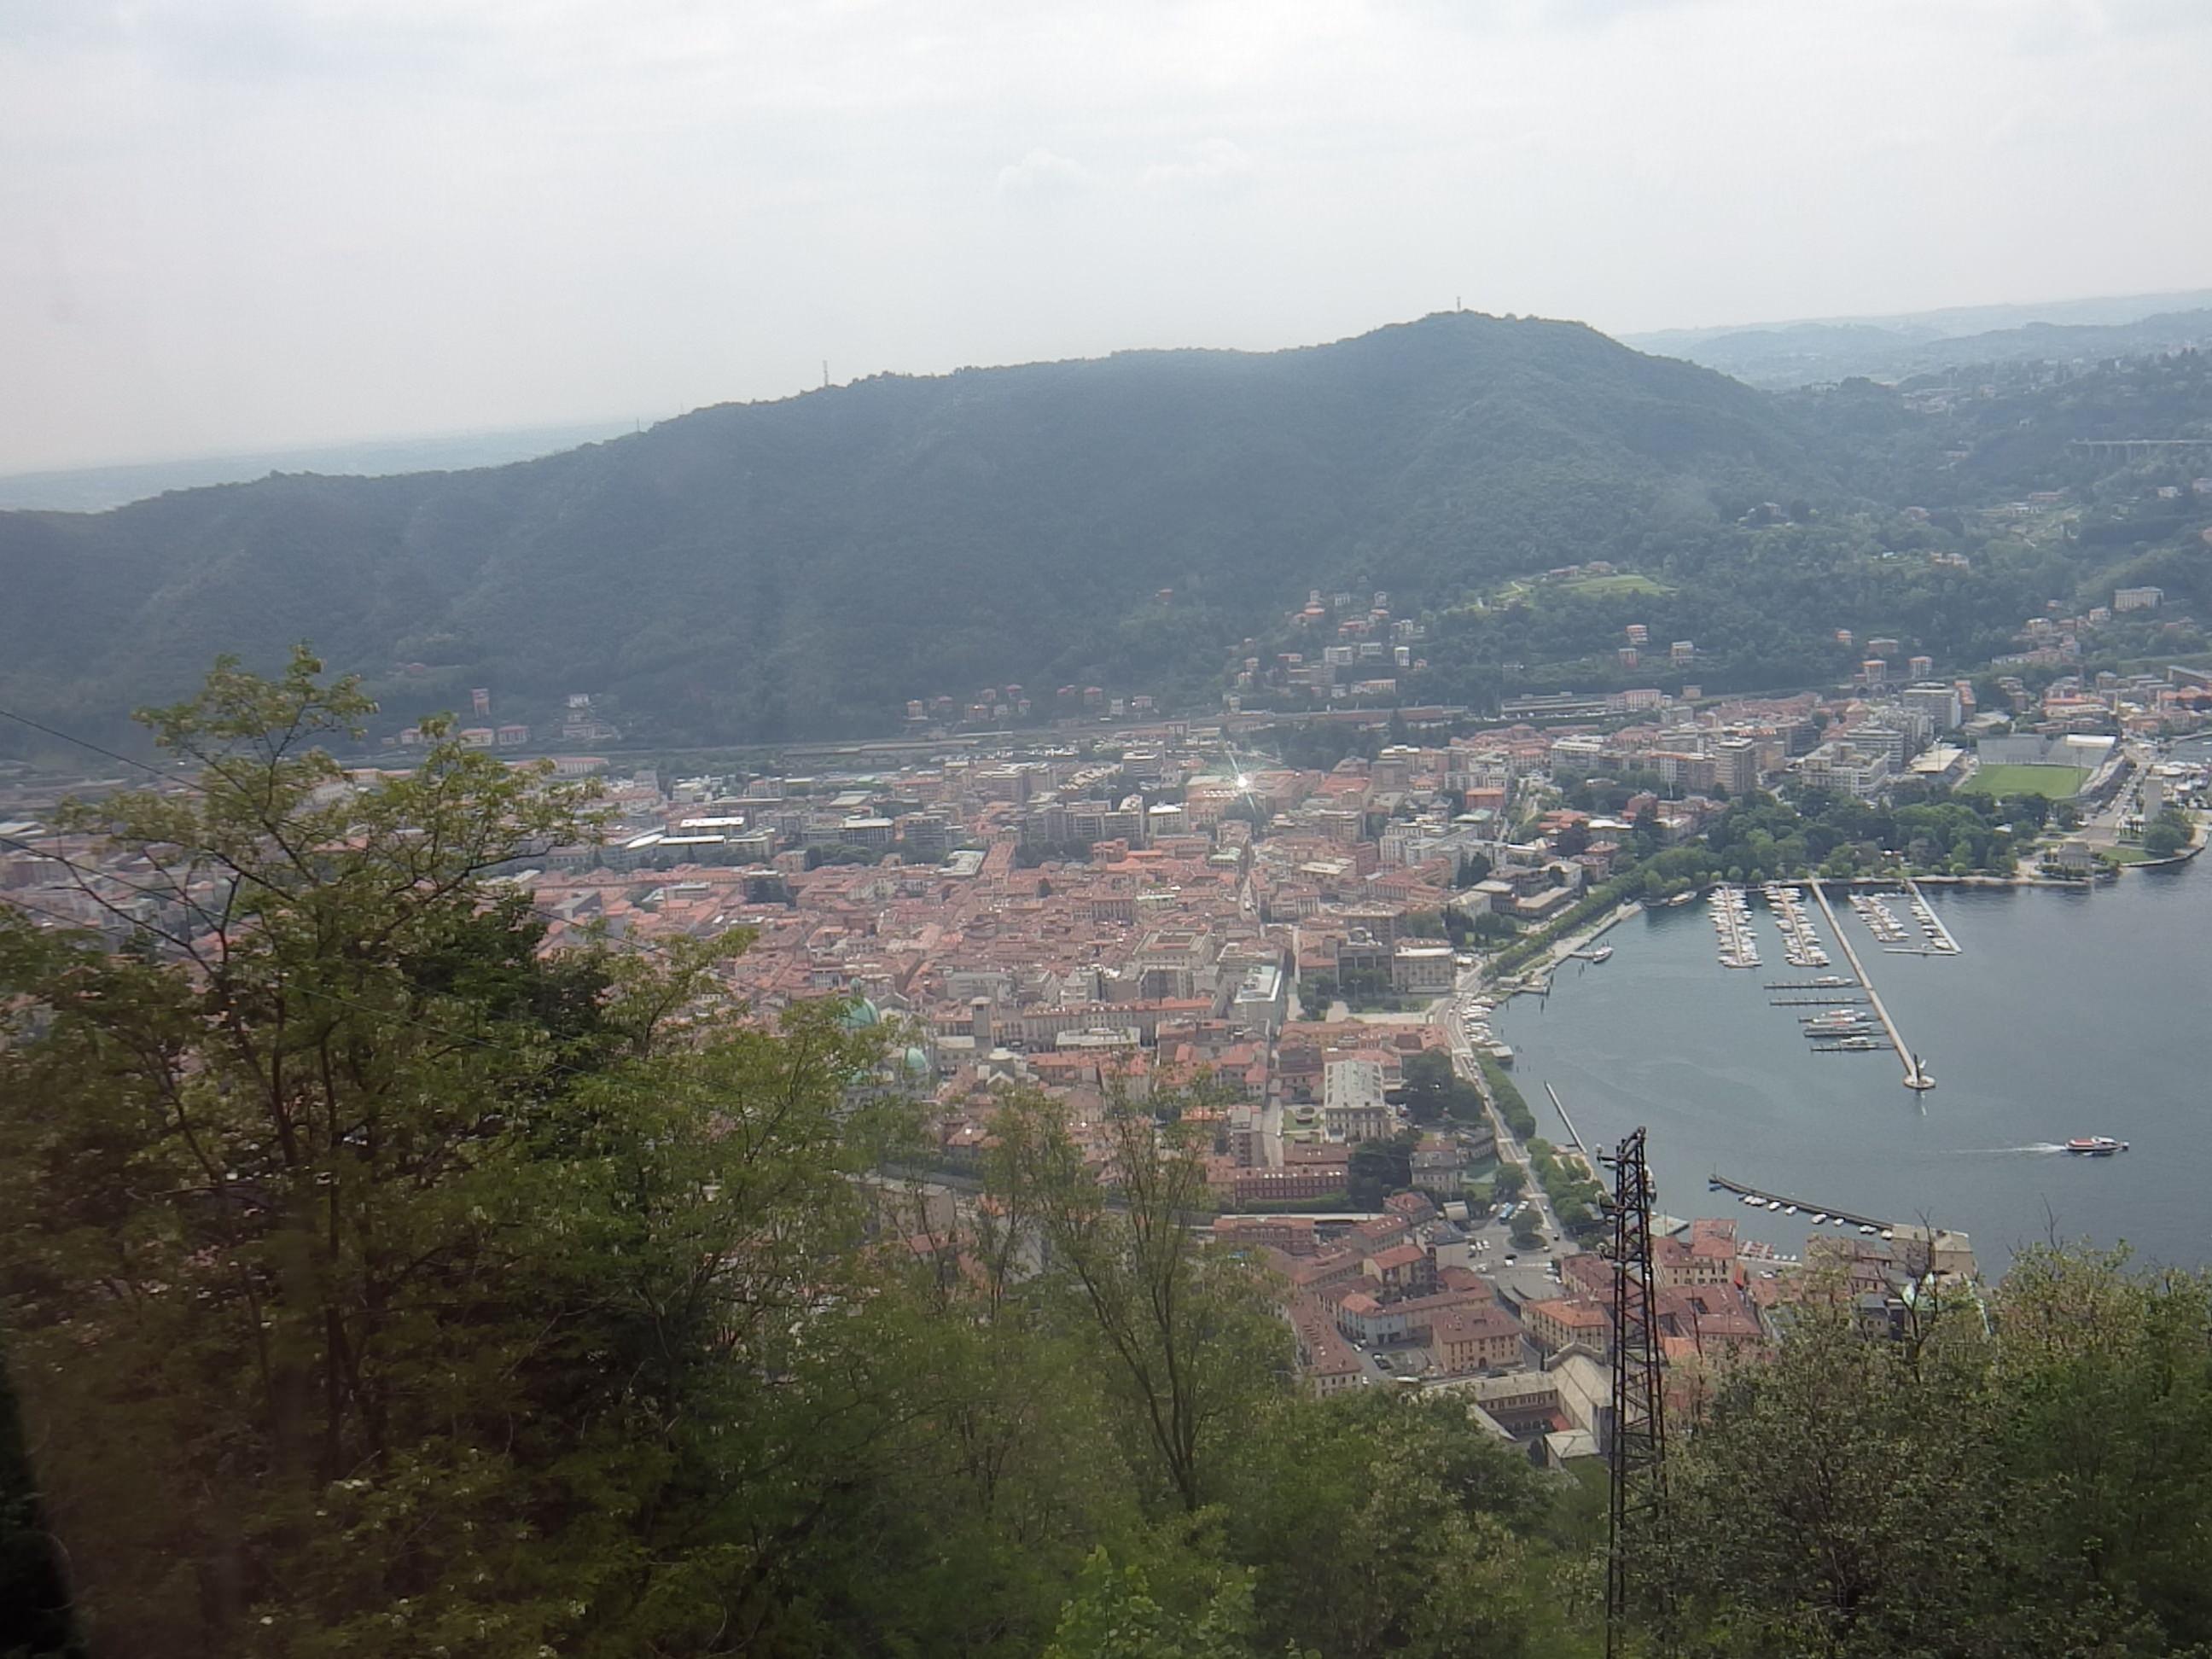 Blick von Brunate - Como mit Nordbahnhof, Piazza Cavour und Stadio Giuseppe Sinigaglia